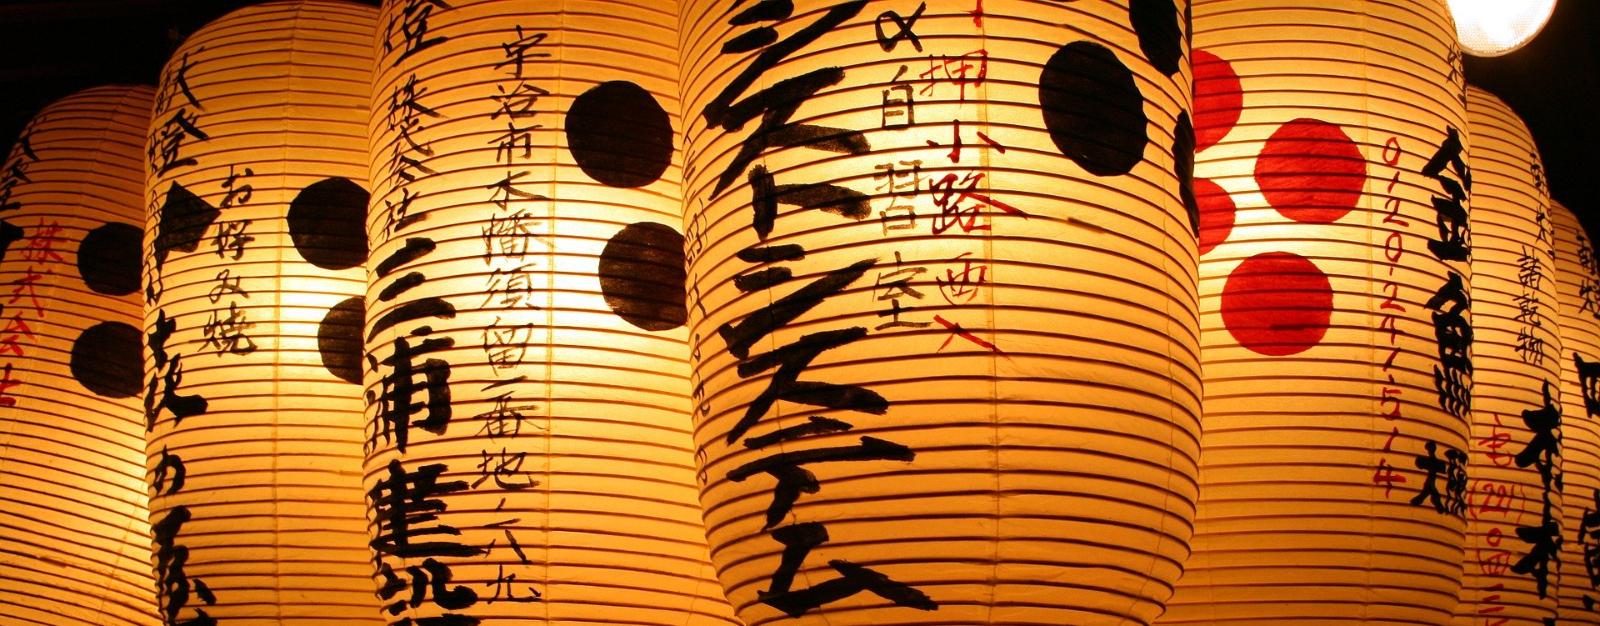 10 Motivi per scegliere un viaggio in Giappone